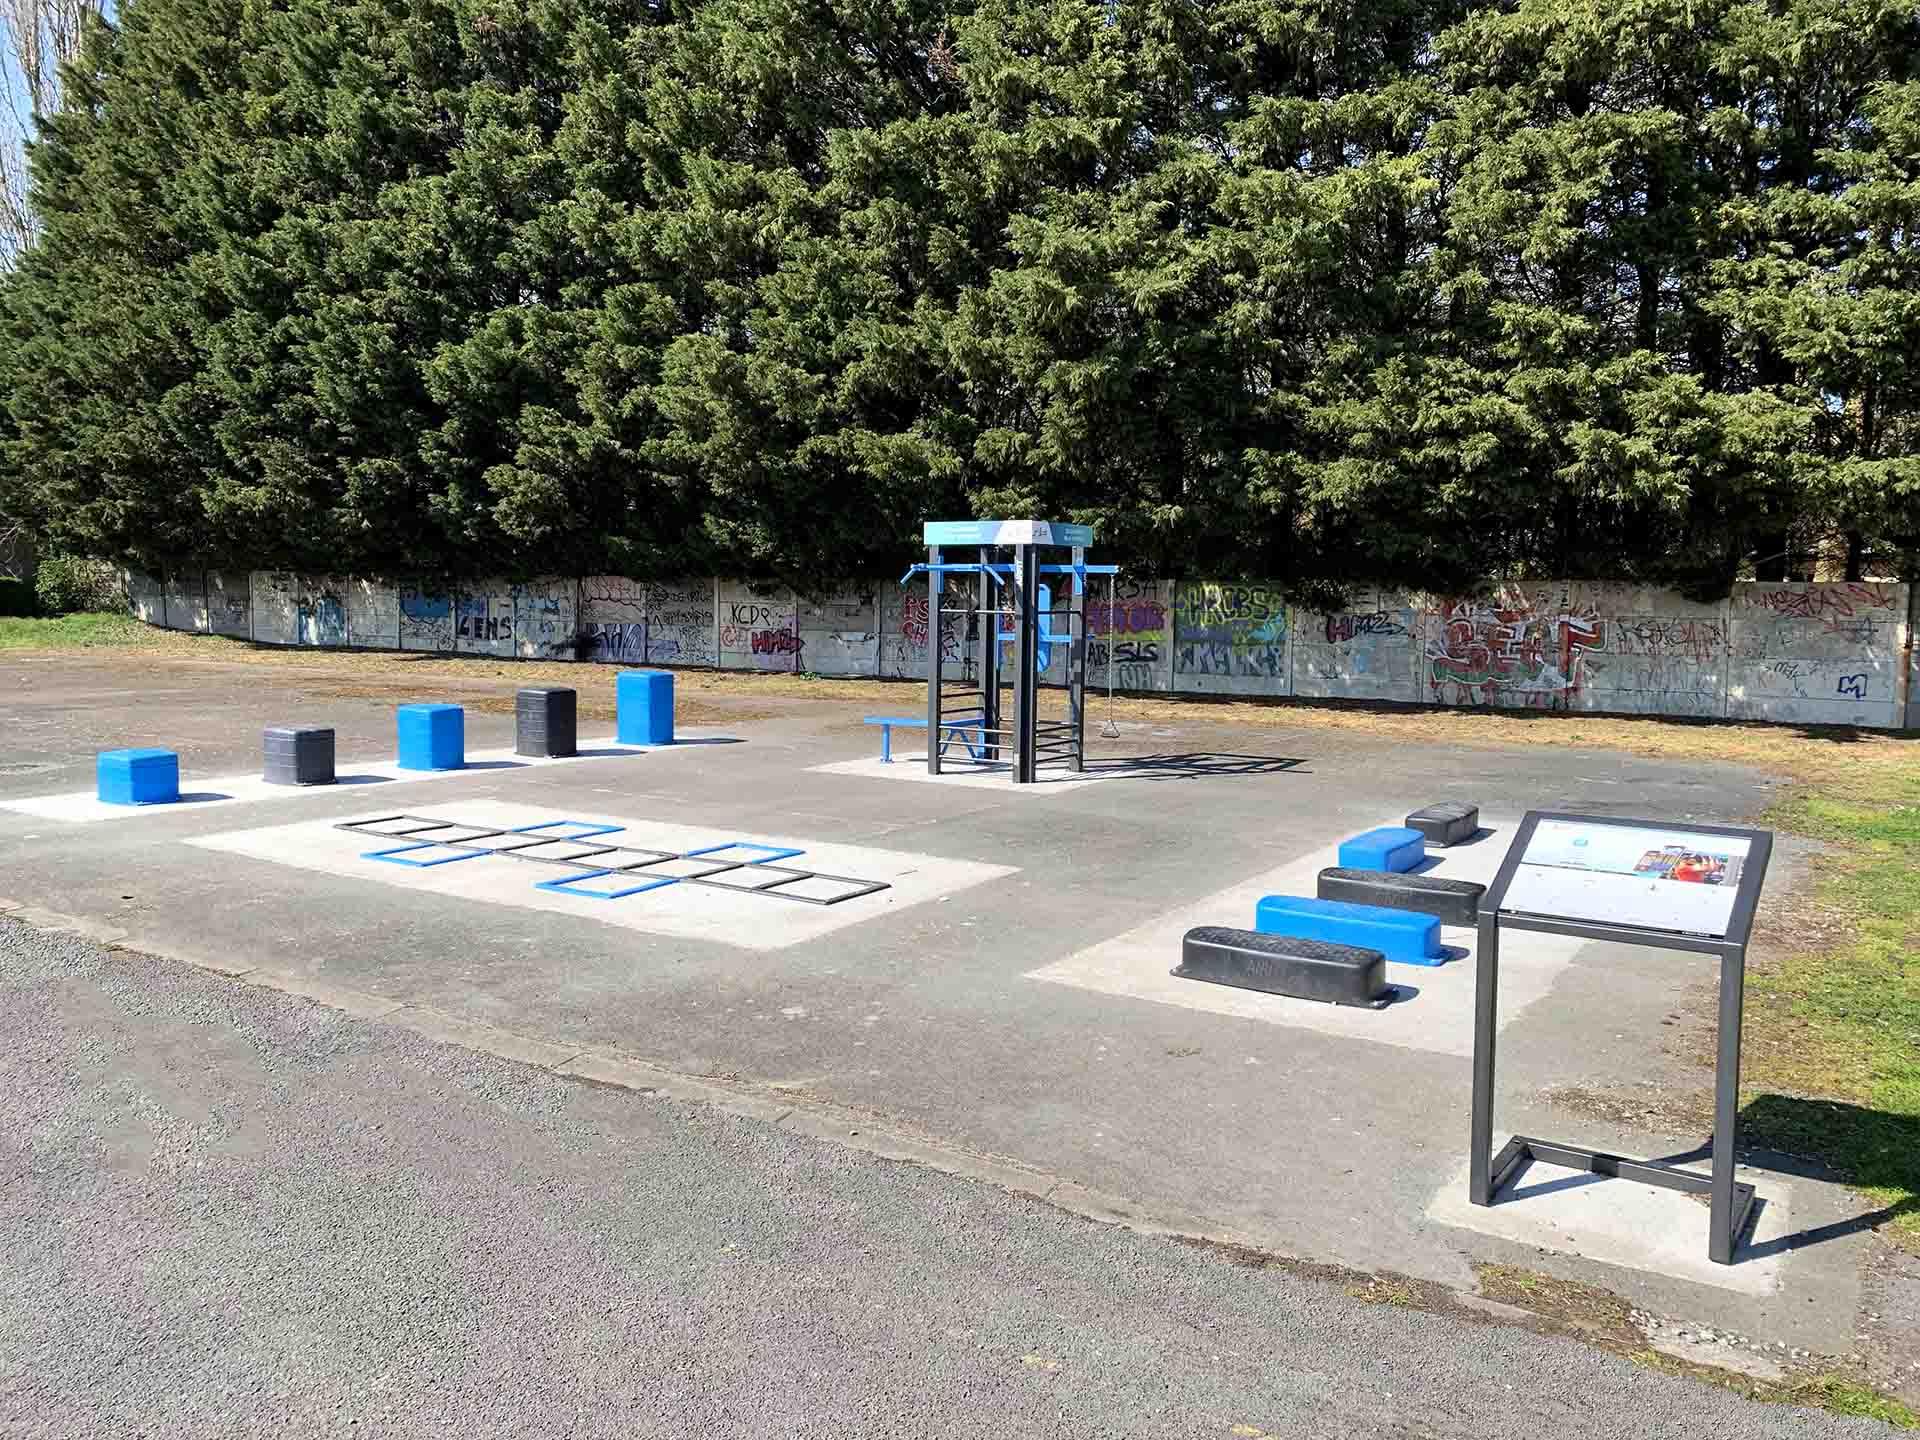 Photo des équipements sportifs en plein air de l'espace sportif Guimier à Sallaumines